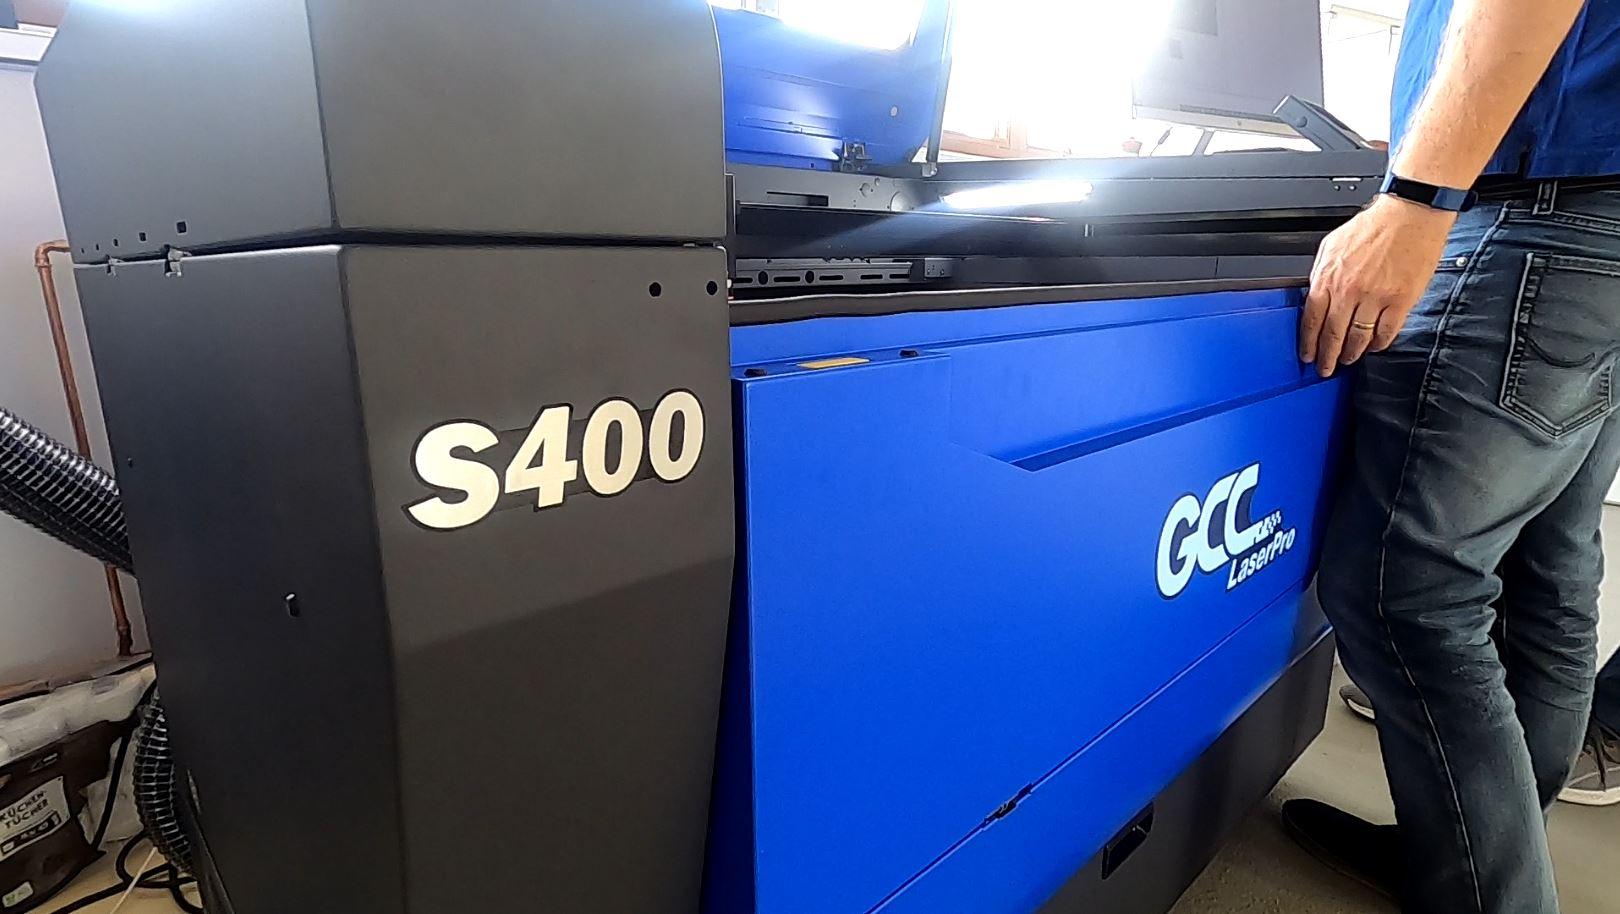 GCC S400 - mehr Arbeitsfläche und Arbeitshöhe für flexiblere Anwendungen